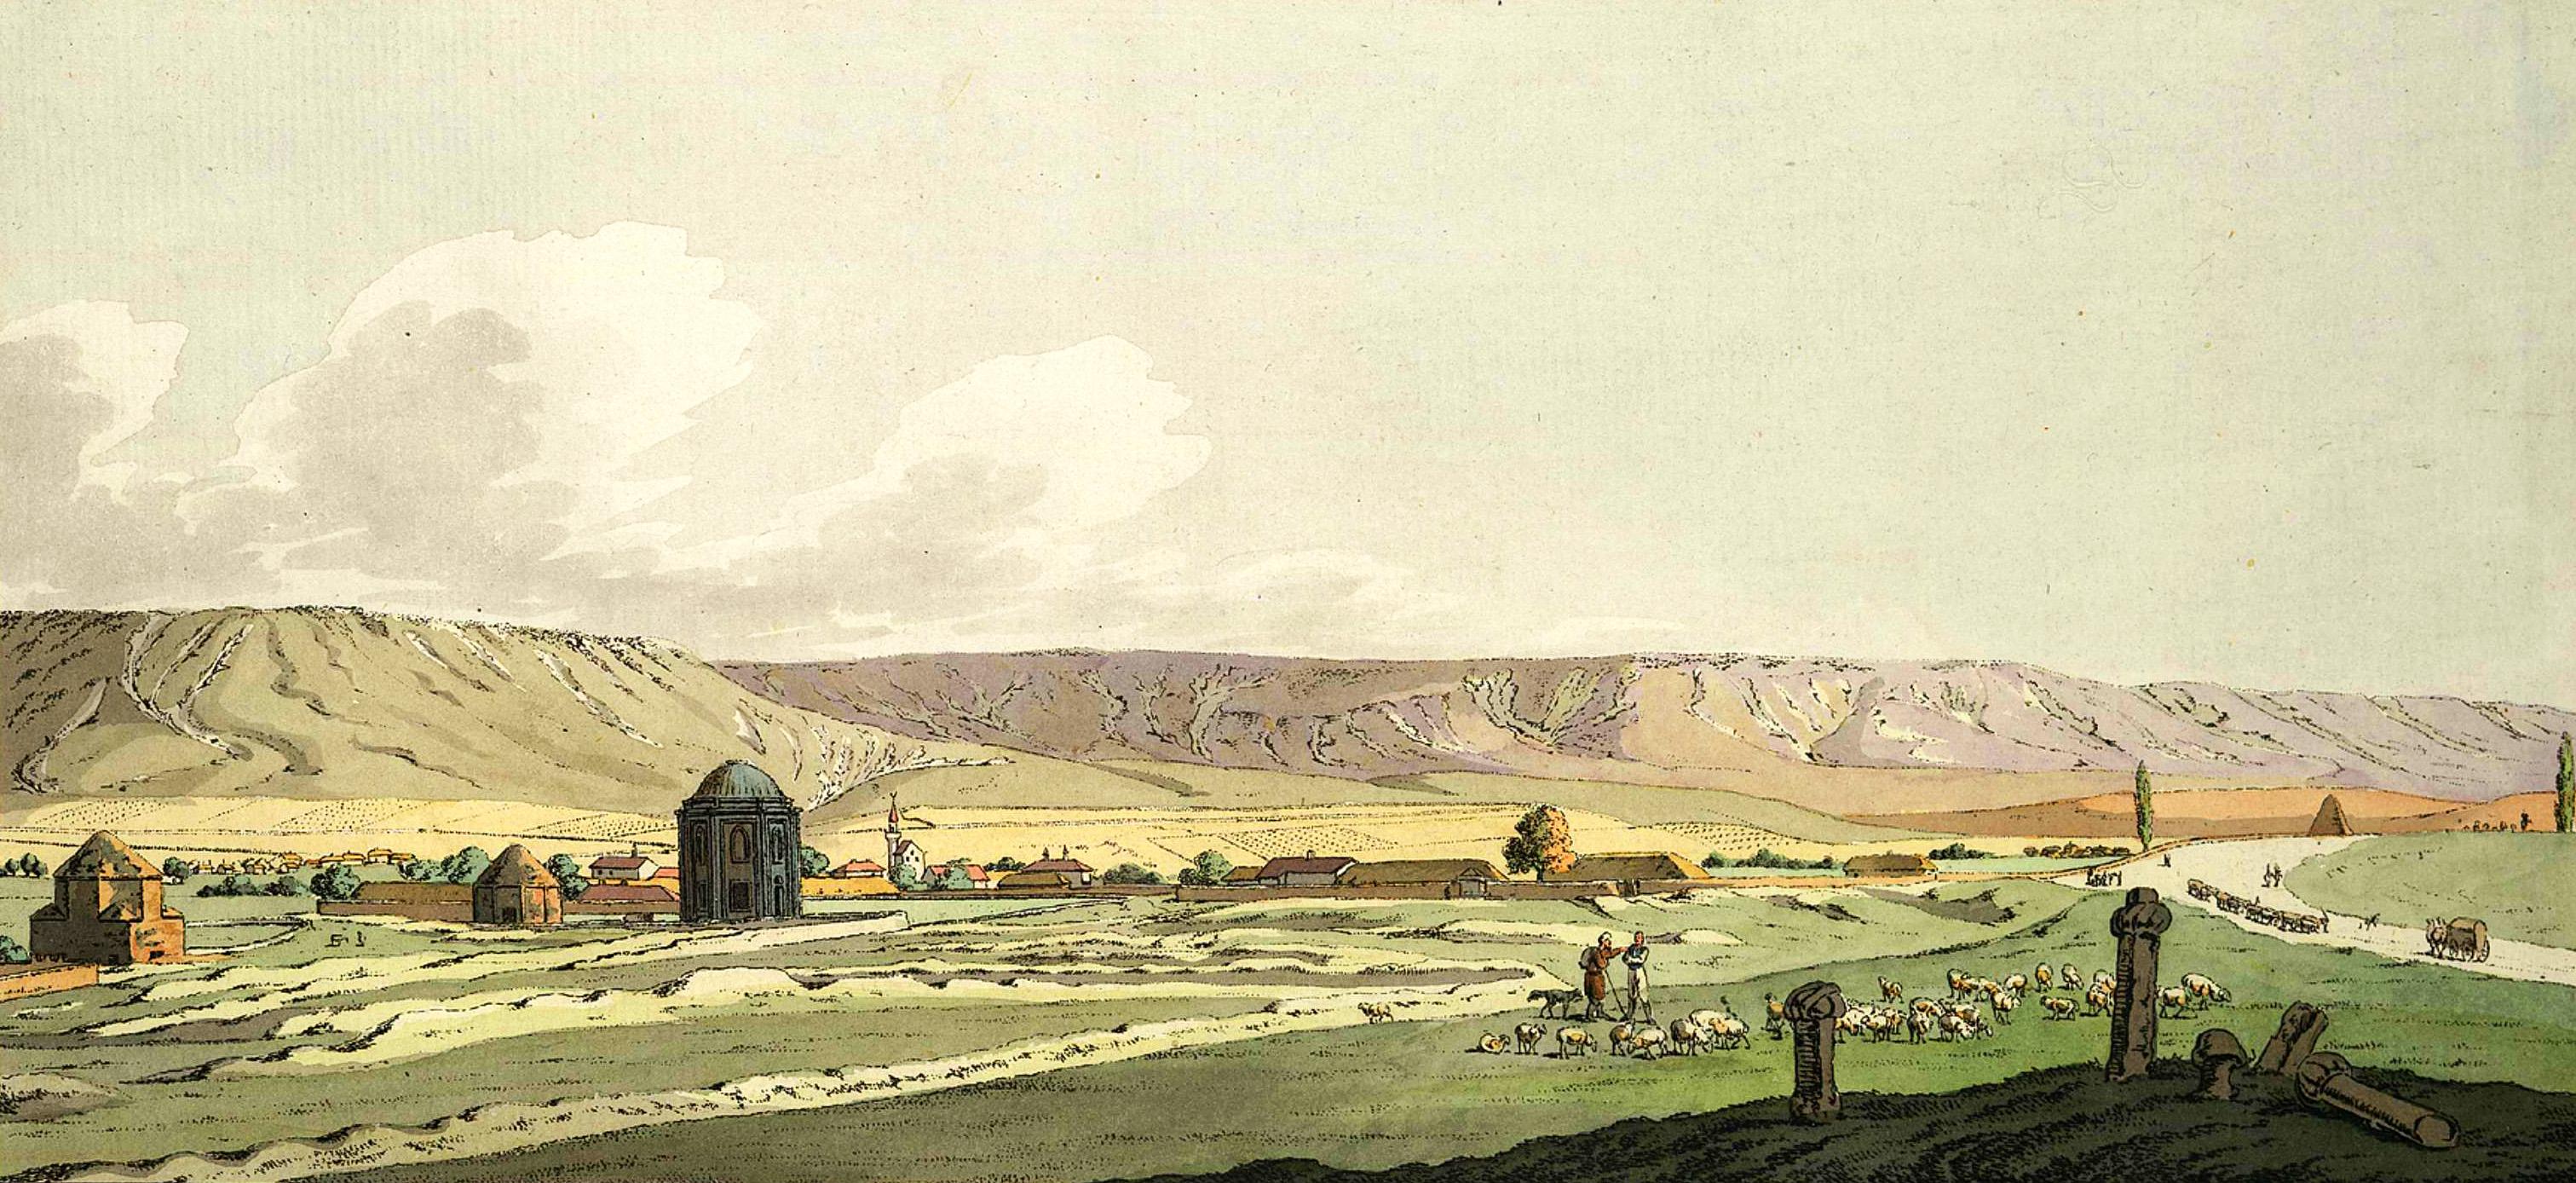 2-3. Вид Эски-Юрта и древних гробниц близ деревни того же имени, ниже Бахчисарая. На переднем плане видны татарские надгробные камни; на мужских могилах — тюрбан. В самом большом здании, называемом Азиз, погребена дочь персидского шаха, бывшая замужем за